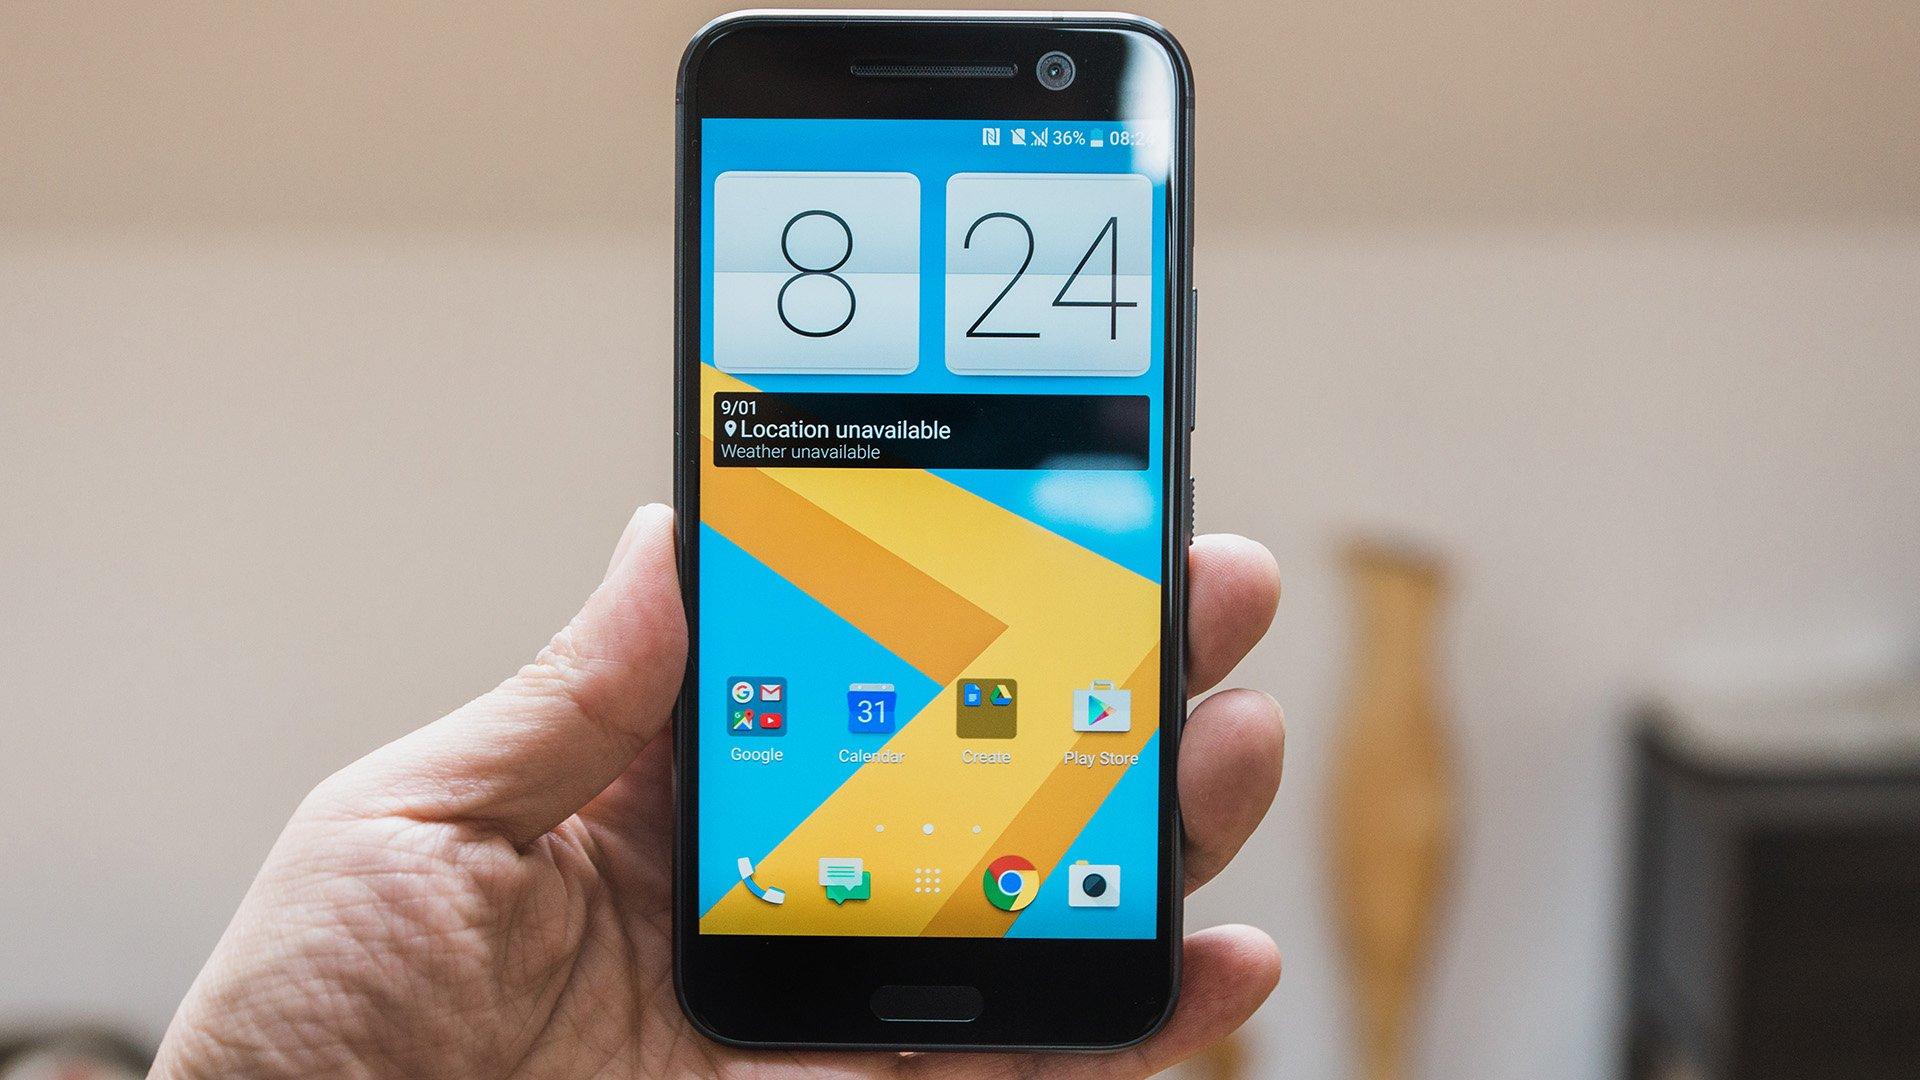 Какой смартфон лучше Сони или htc (sony или htc)